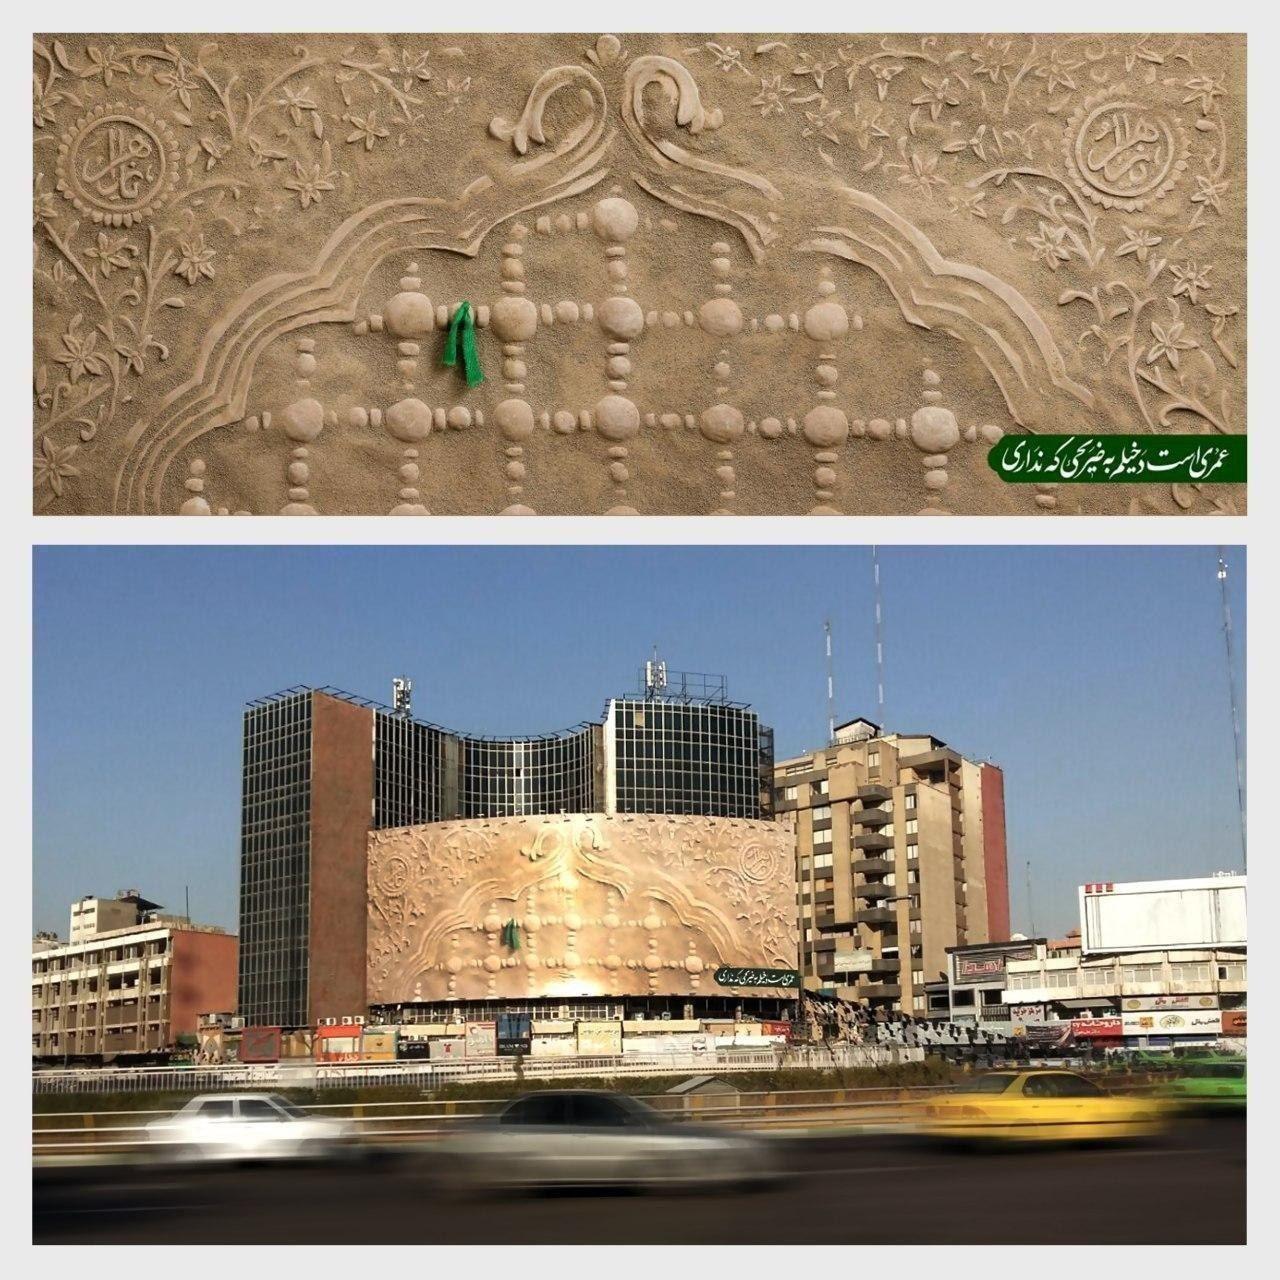 رونمایی از دیوارنگاره جدید میدان ولیعصر(عج) +عکس